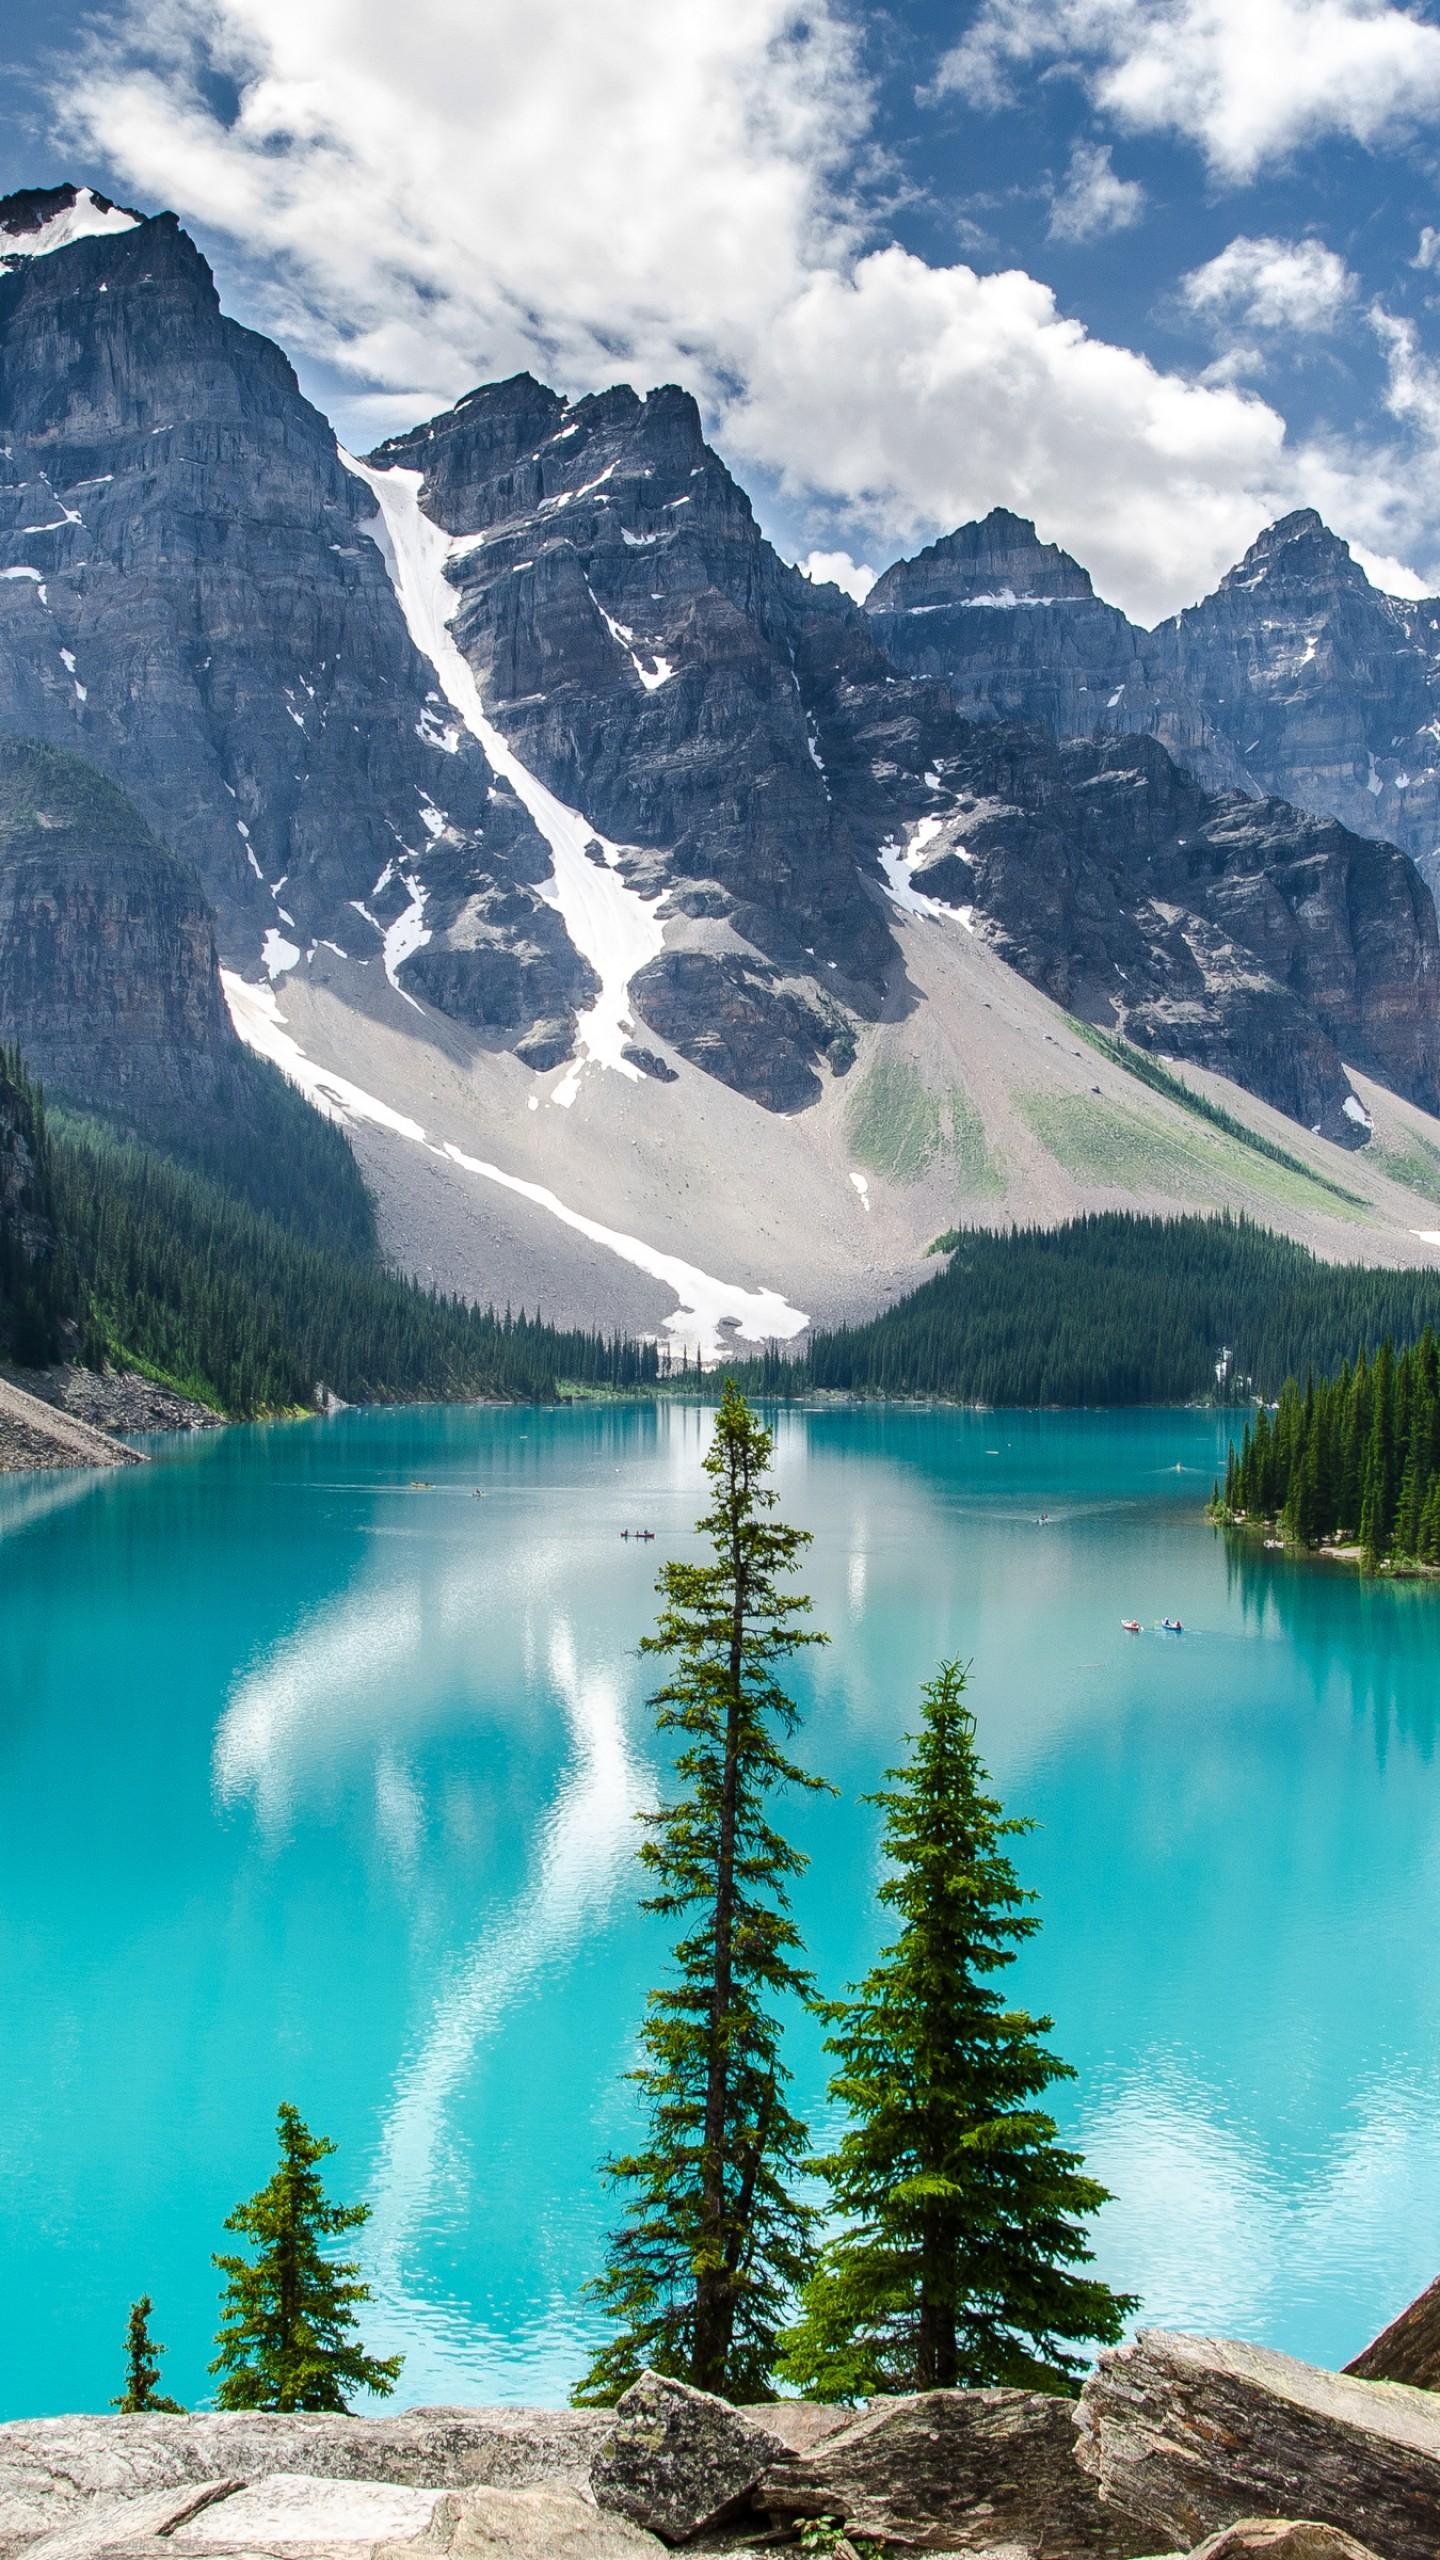 Wallpaper Moraine Lake, 4k, 5k Wallpaper, Canada